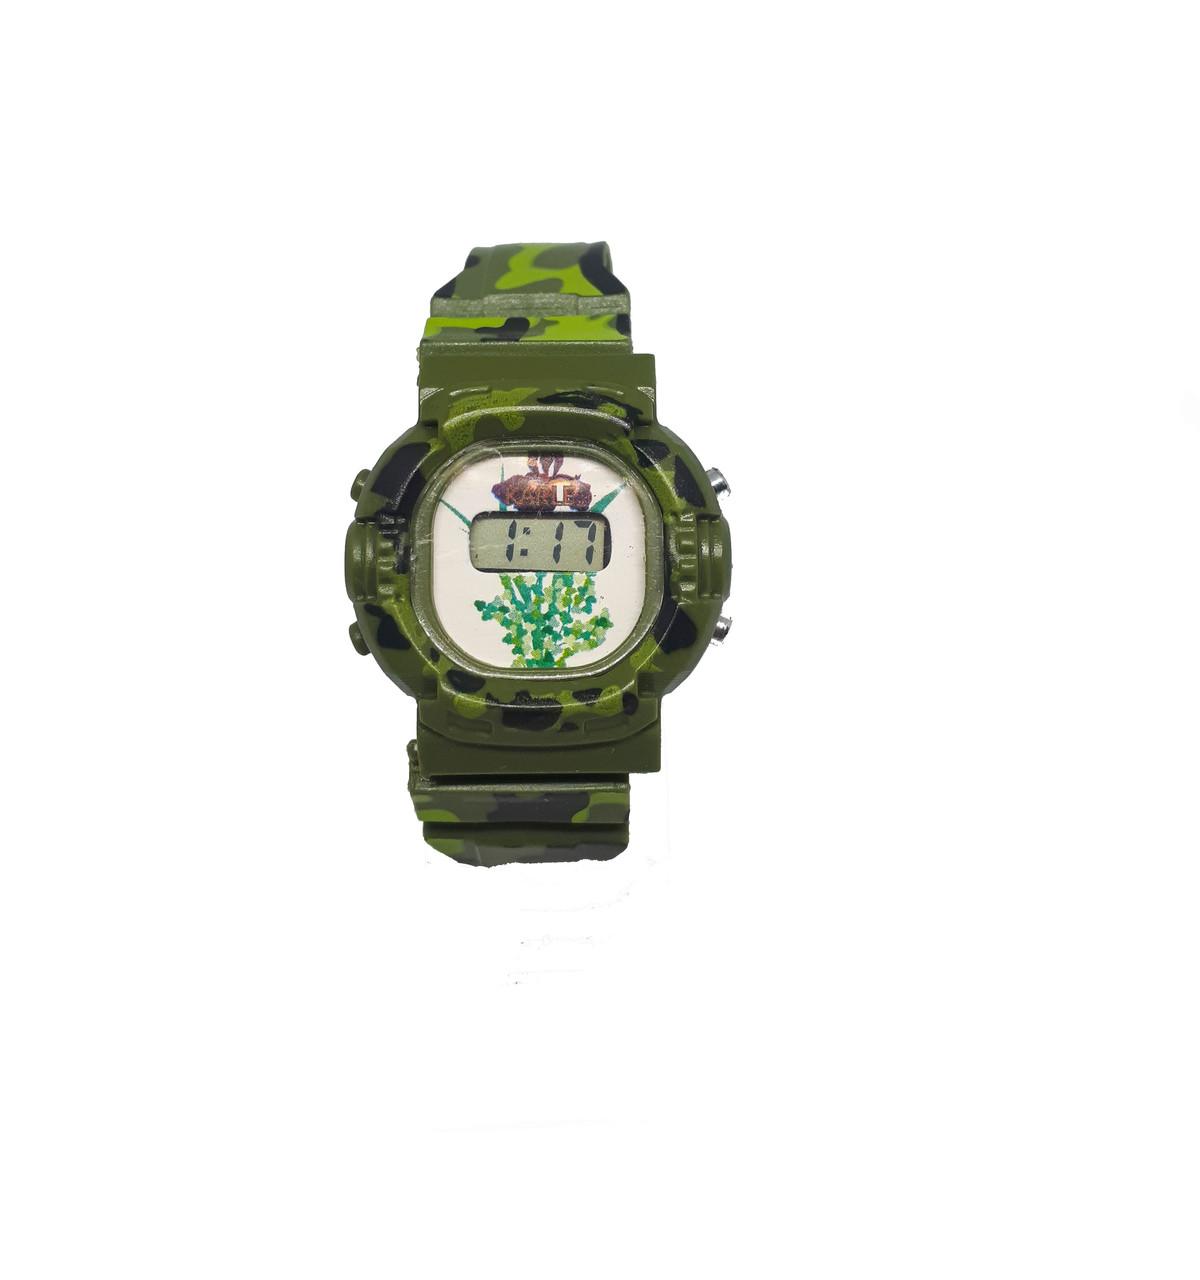 Часы пластмассовые электронные цветные. Зеленый